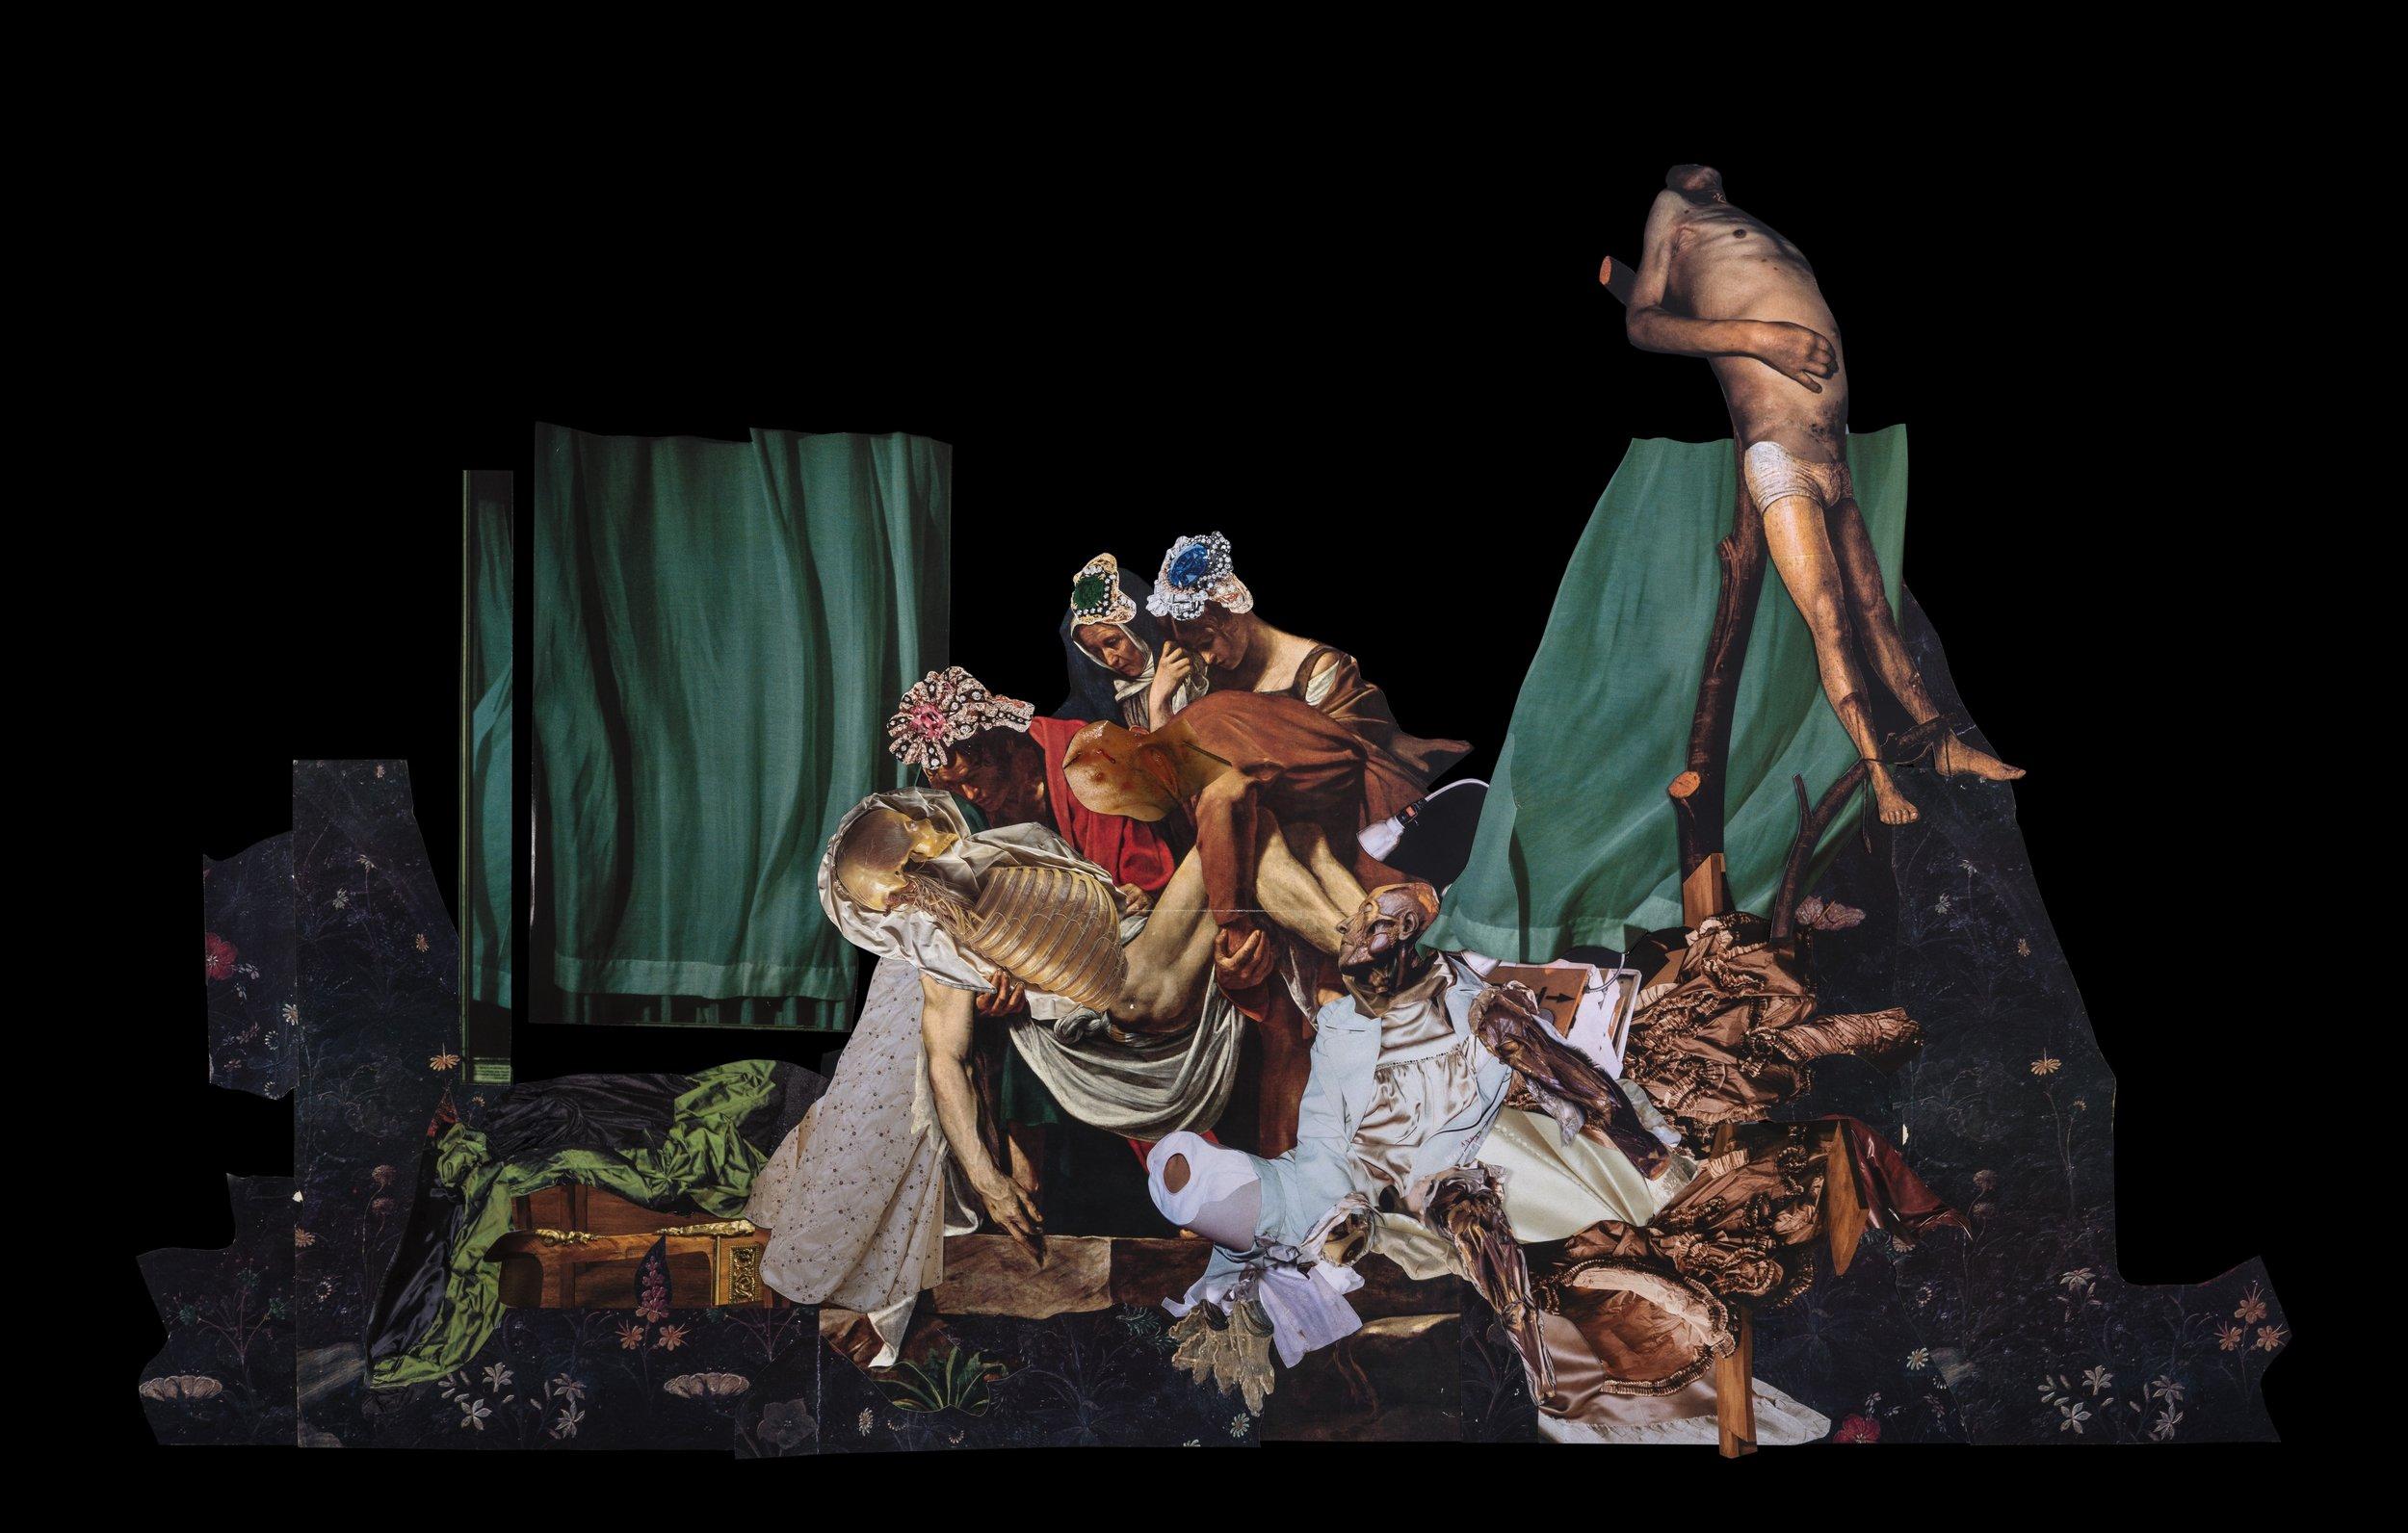 Sin título, 2017, collage  58 x 98. Imágenes de revistas y catálogos de historia del arte, moda, medicina, y la colección Museo La Specola. Catálogo de joyería Dior (Referencia jewellery_JPLM93001_2, jewellery_JVER93004_2, jewellery JVER3027_1, jewellery_JVER93027_2)